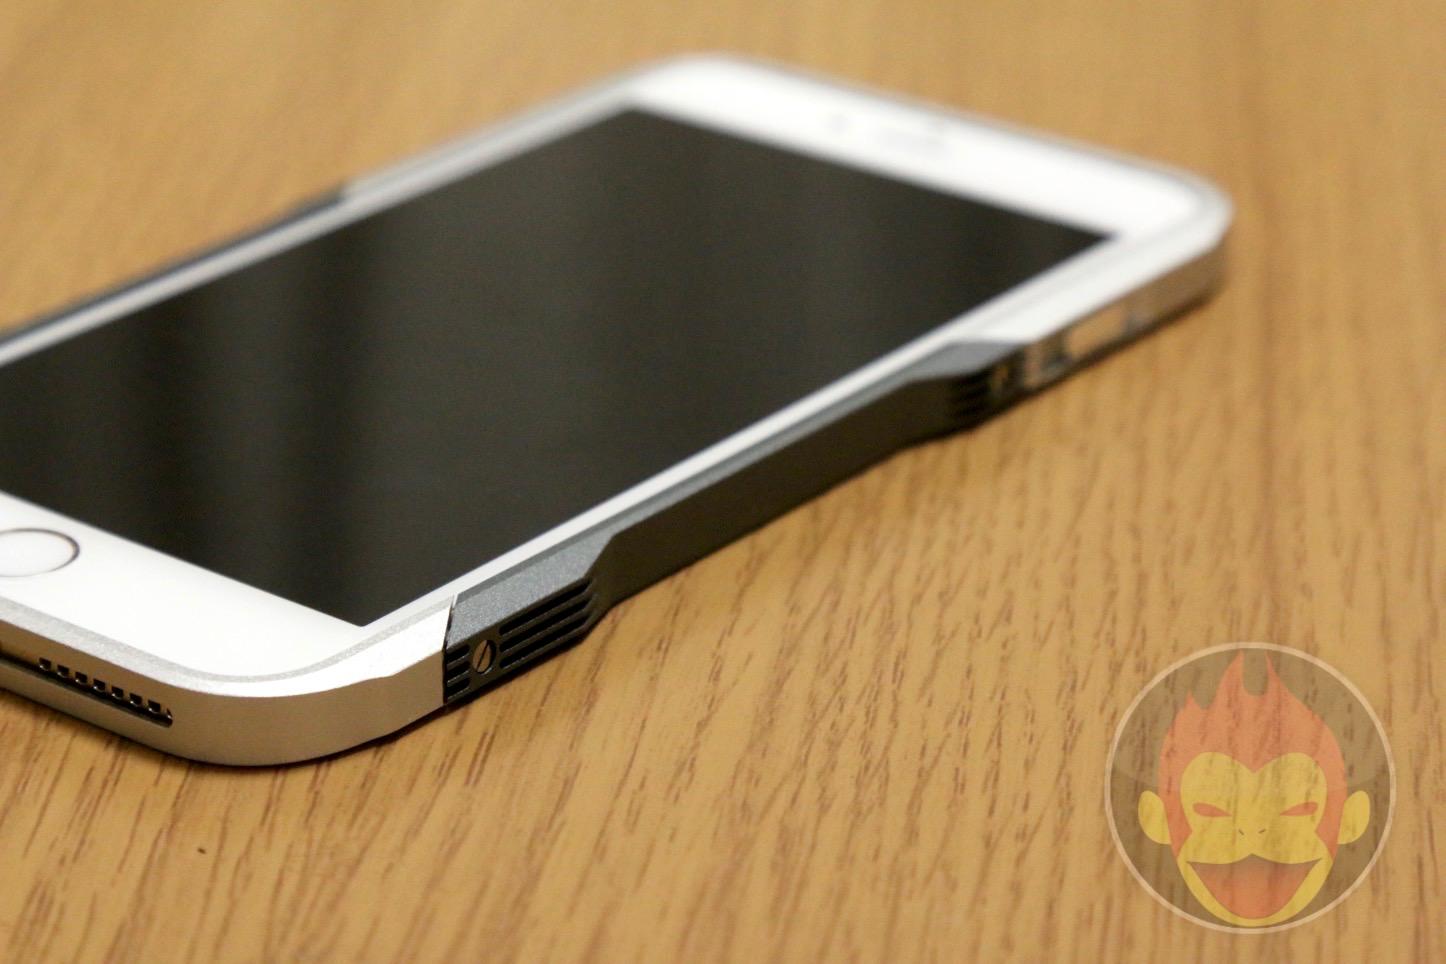 GRAVITY-CASTRUM-iPhone-6-Plus35.JPG